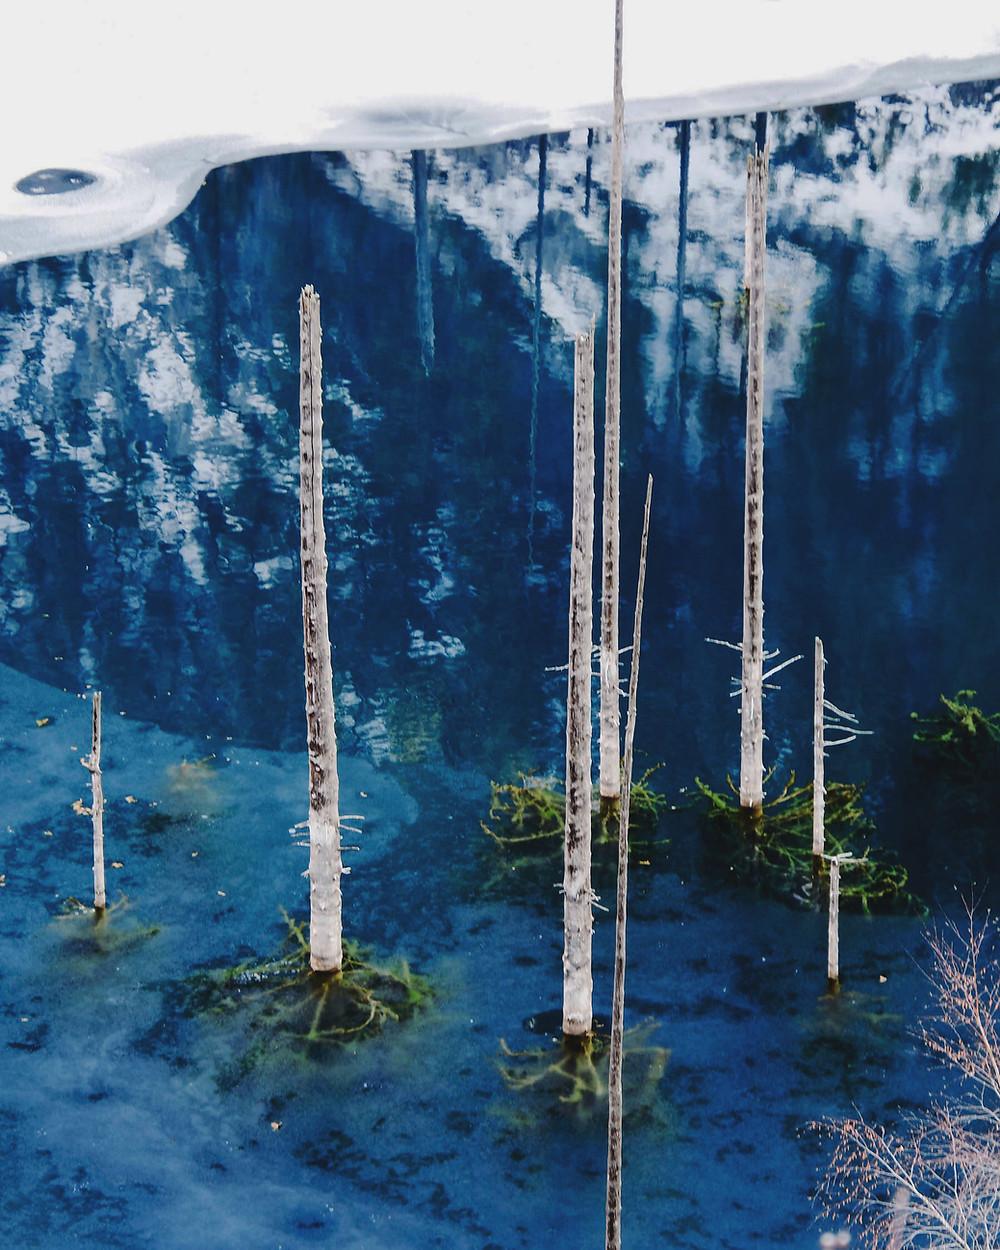 冒在湖面上的树干的镜头特写,隐约可以看见水中的针状树枝。